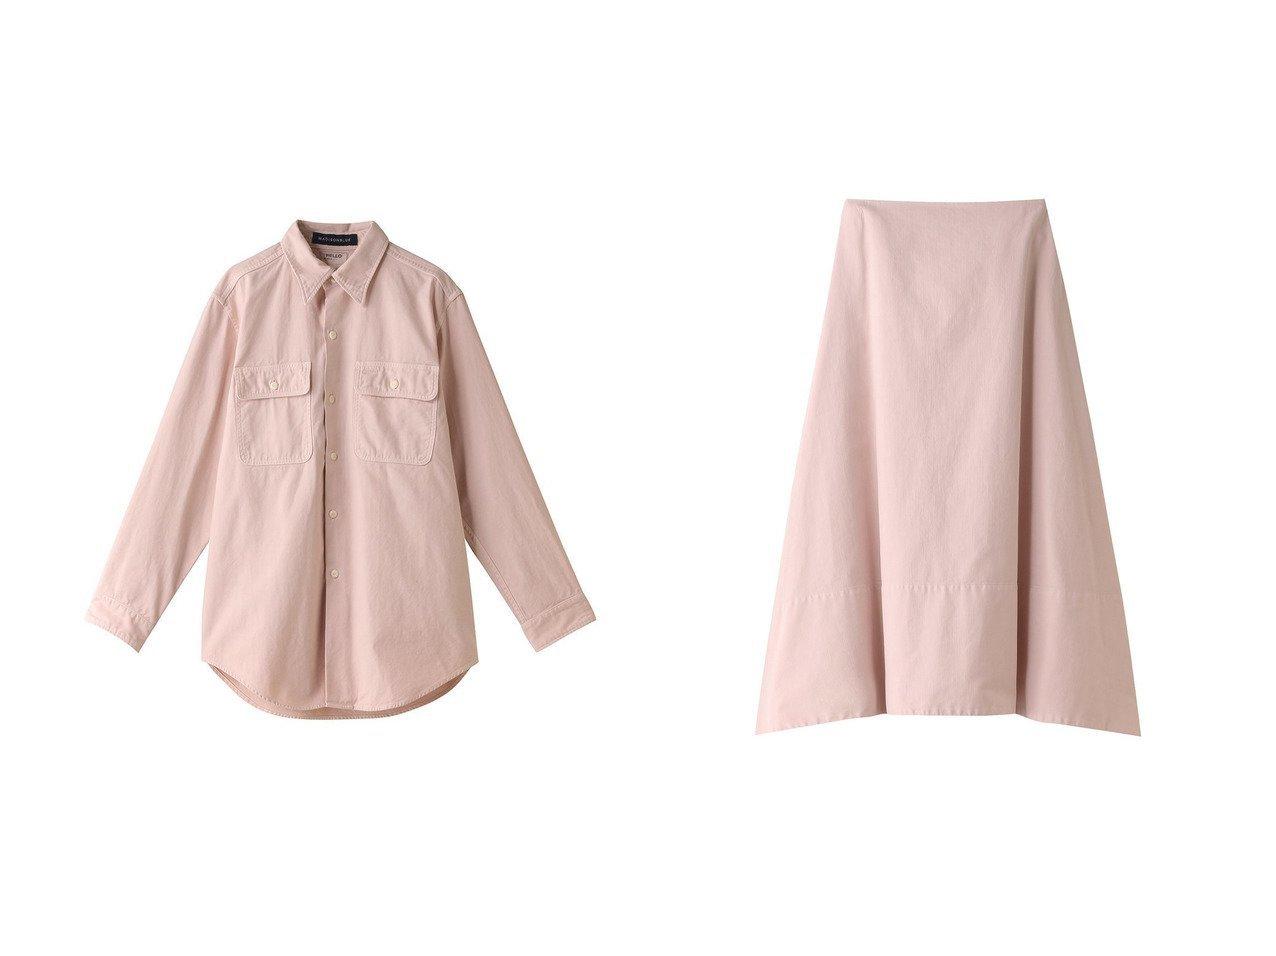 【MADISONBLUE/マディソンブルー】のパステルミモレフレアスカート&HAMPTON パステルシャツ MADISONBLUEのおすすめ!人気、トレンド・レディースファッションの通販 おすすめで人気の流行・トレンド、ファッションの通販商品 メンズファッション・キッズファッション・インテリア・家具・レディースファッション・服の通販 founy(ファニー) https://founy.com/ ファッション Fashion レディースファッション WOMEN スカート Skirt Aライン/フレアスカート Flared A-Line Skirts ロングスカート Long Skirt トップス Tops Tshirt シャツ/ブラウス Shirts Blouses 2021年 2021 2021 春夏 S/S SS Spring/Summer 2021 S/S 春夏 SS Spring/Summer スニーカー フレア ミモレ ロング 春 Spring |ID:crp329100000016911